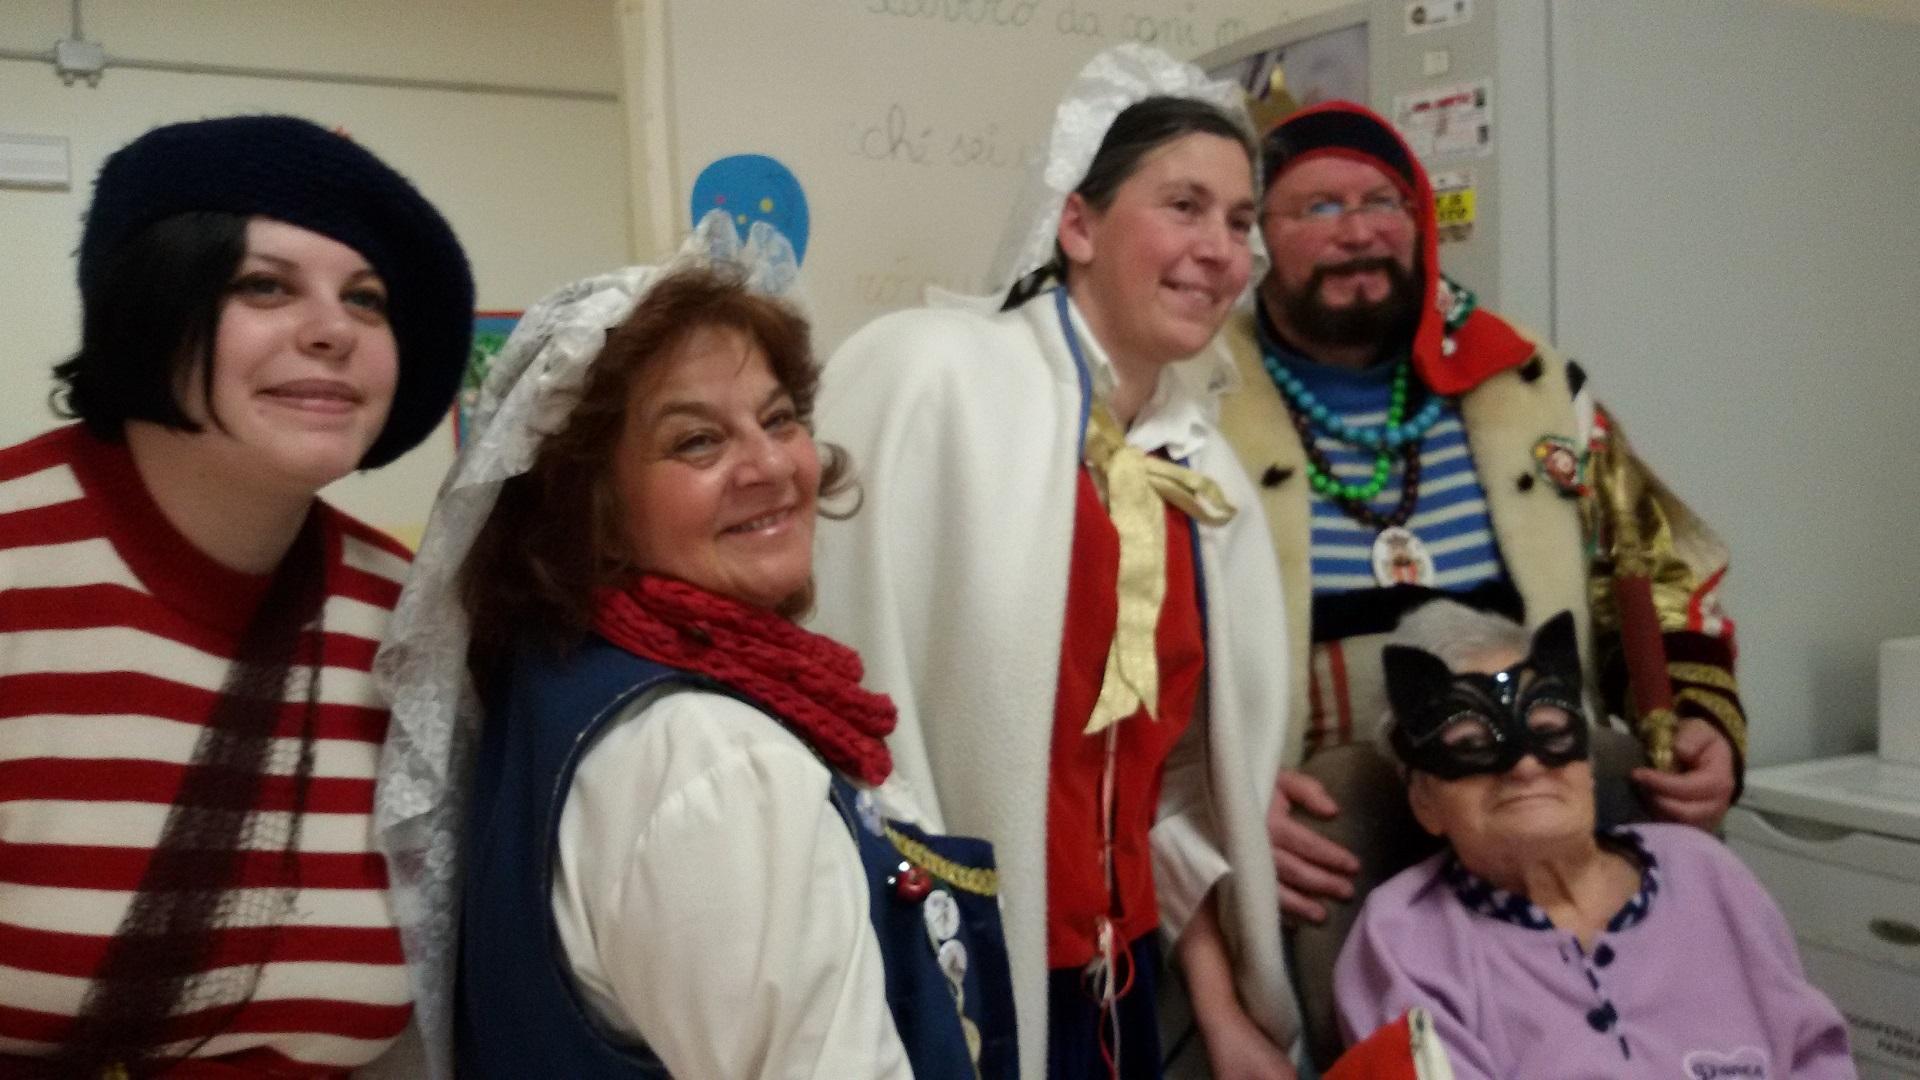 Carnevale e Maschere Residenza Sanitaria Assistenziale Santuario | Opere Sociali Servizi Savona